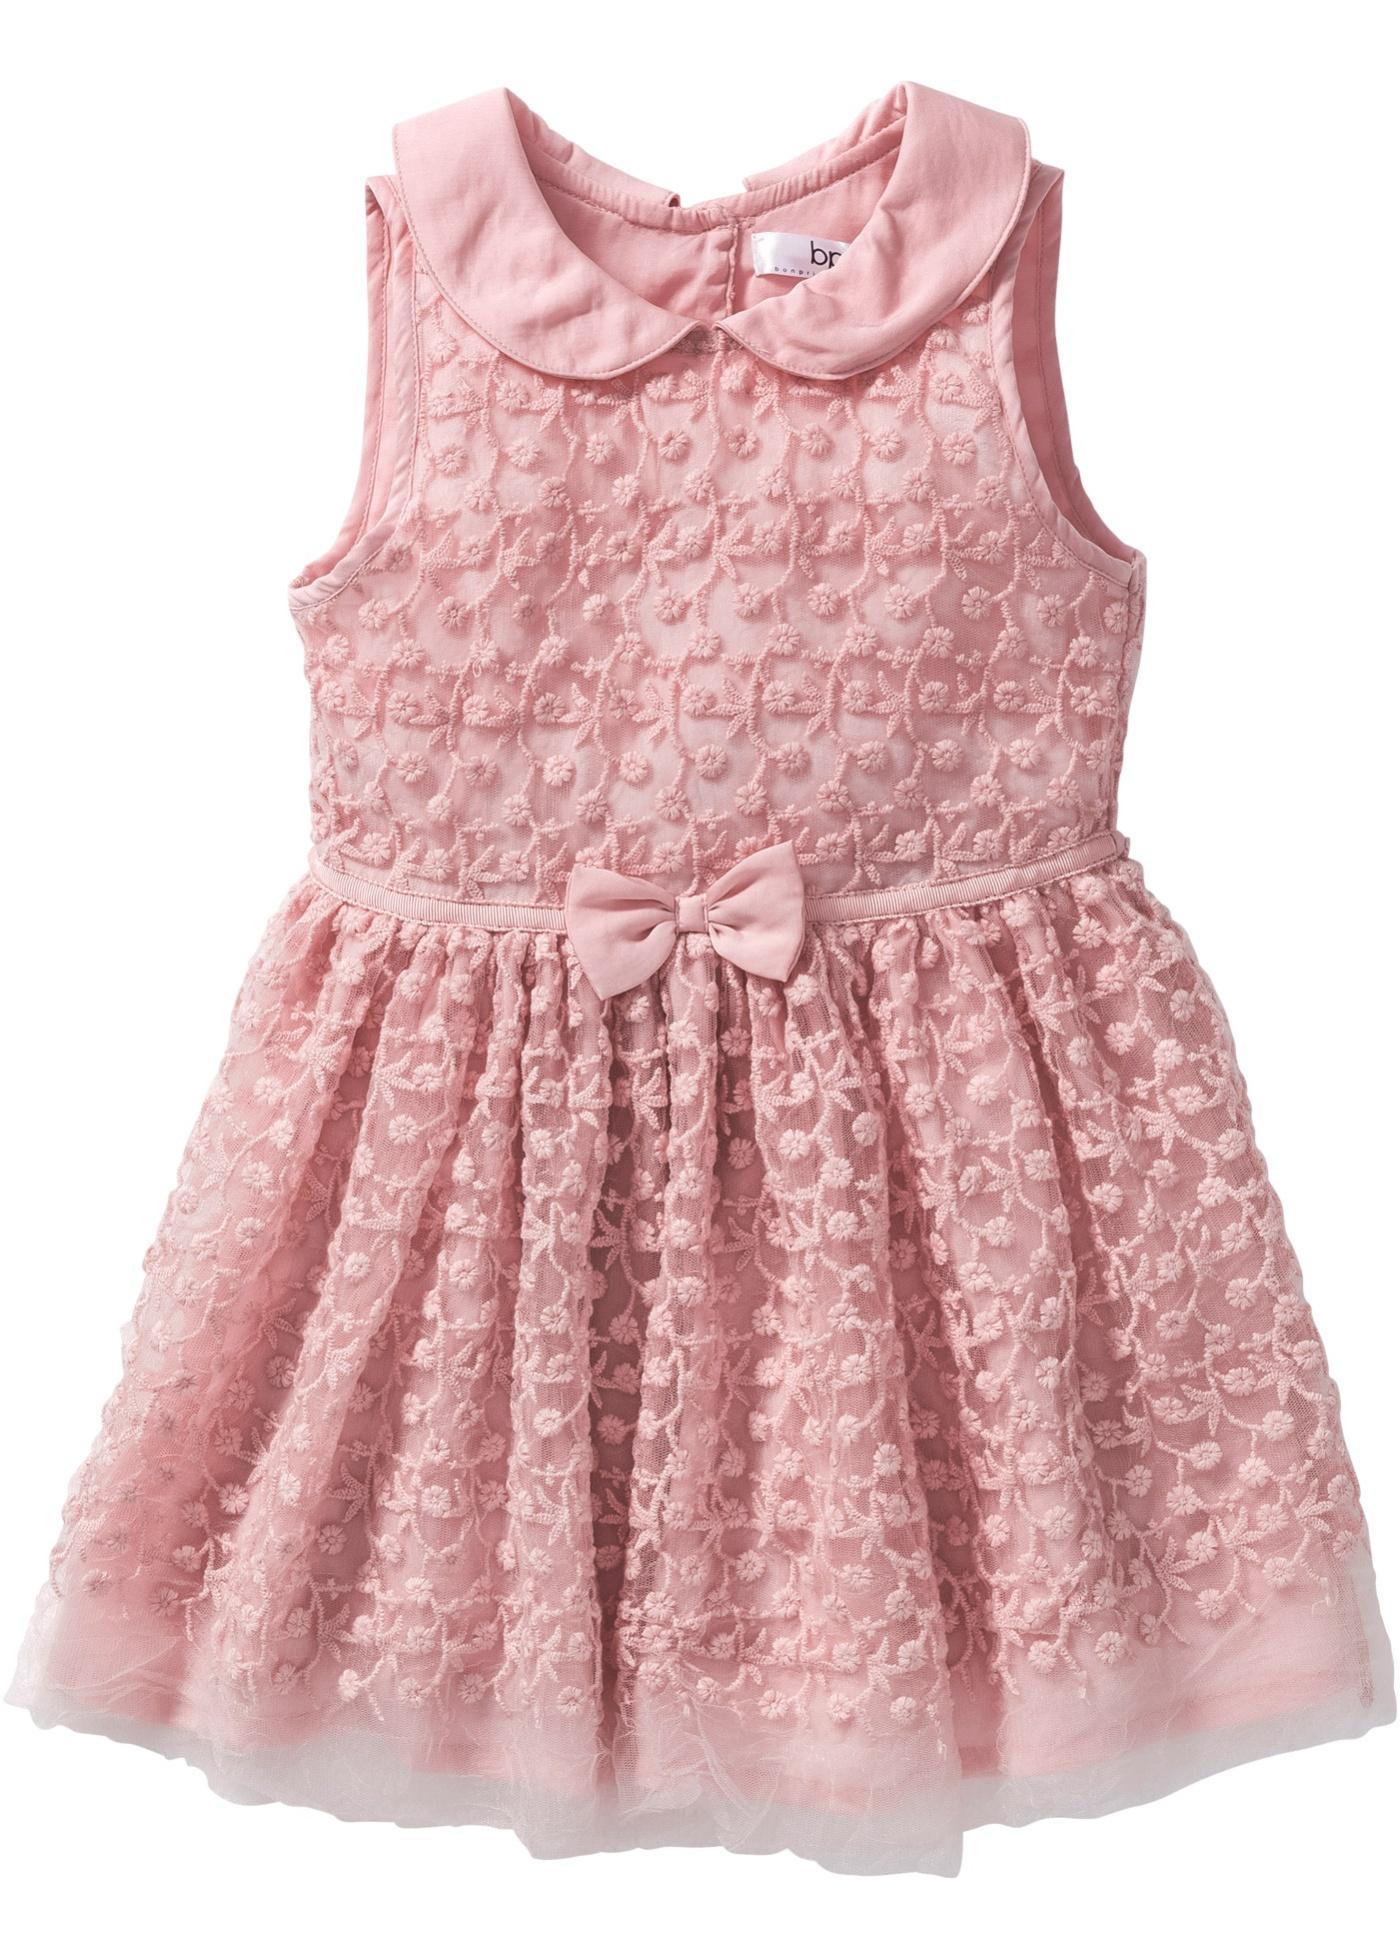 bpc bonprix collection Kleid mit Tuell, Gr. 80-134 ohne Ärmel  in rosa von bonprix